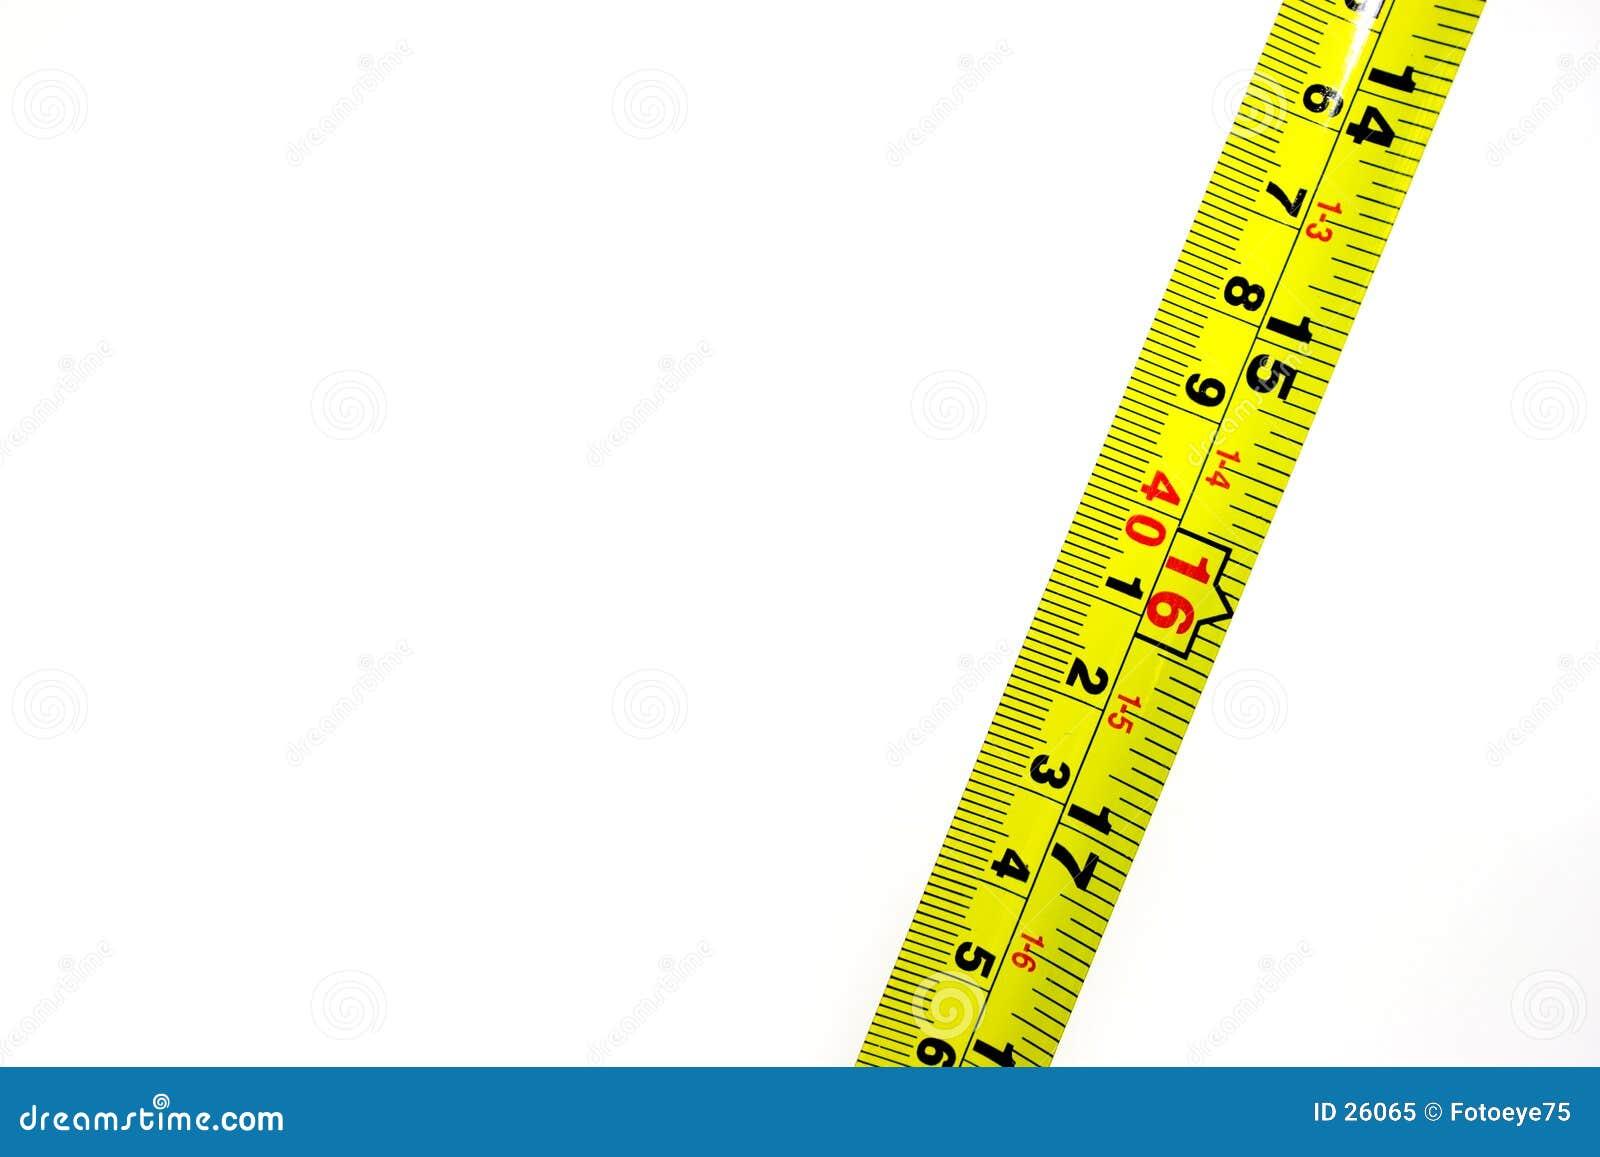 Download Cinta métrica imagen de archivo. Imagen de geometría, aprenda - 26065